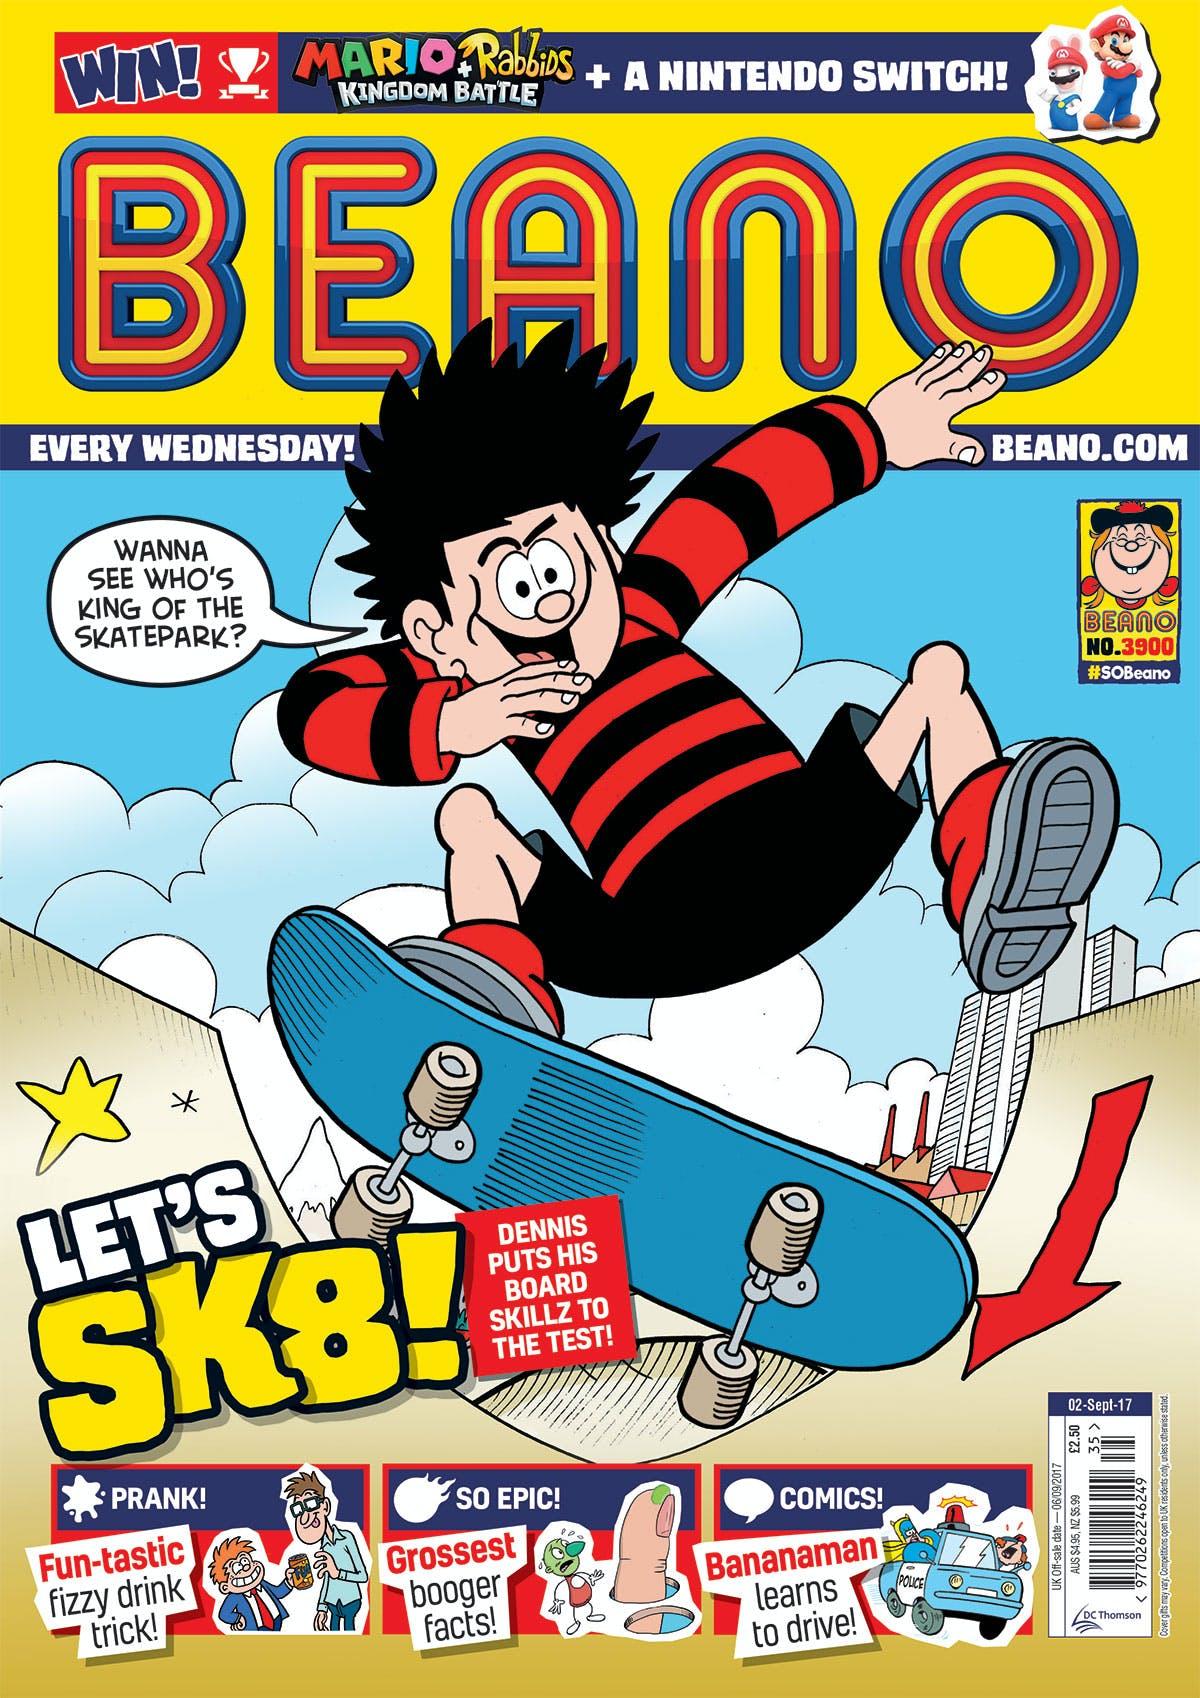 Beano No. 3900